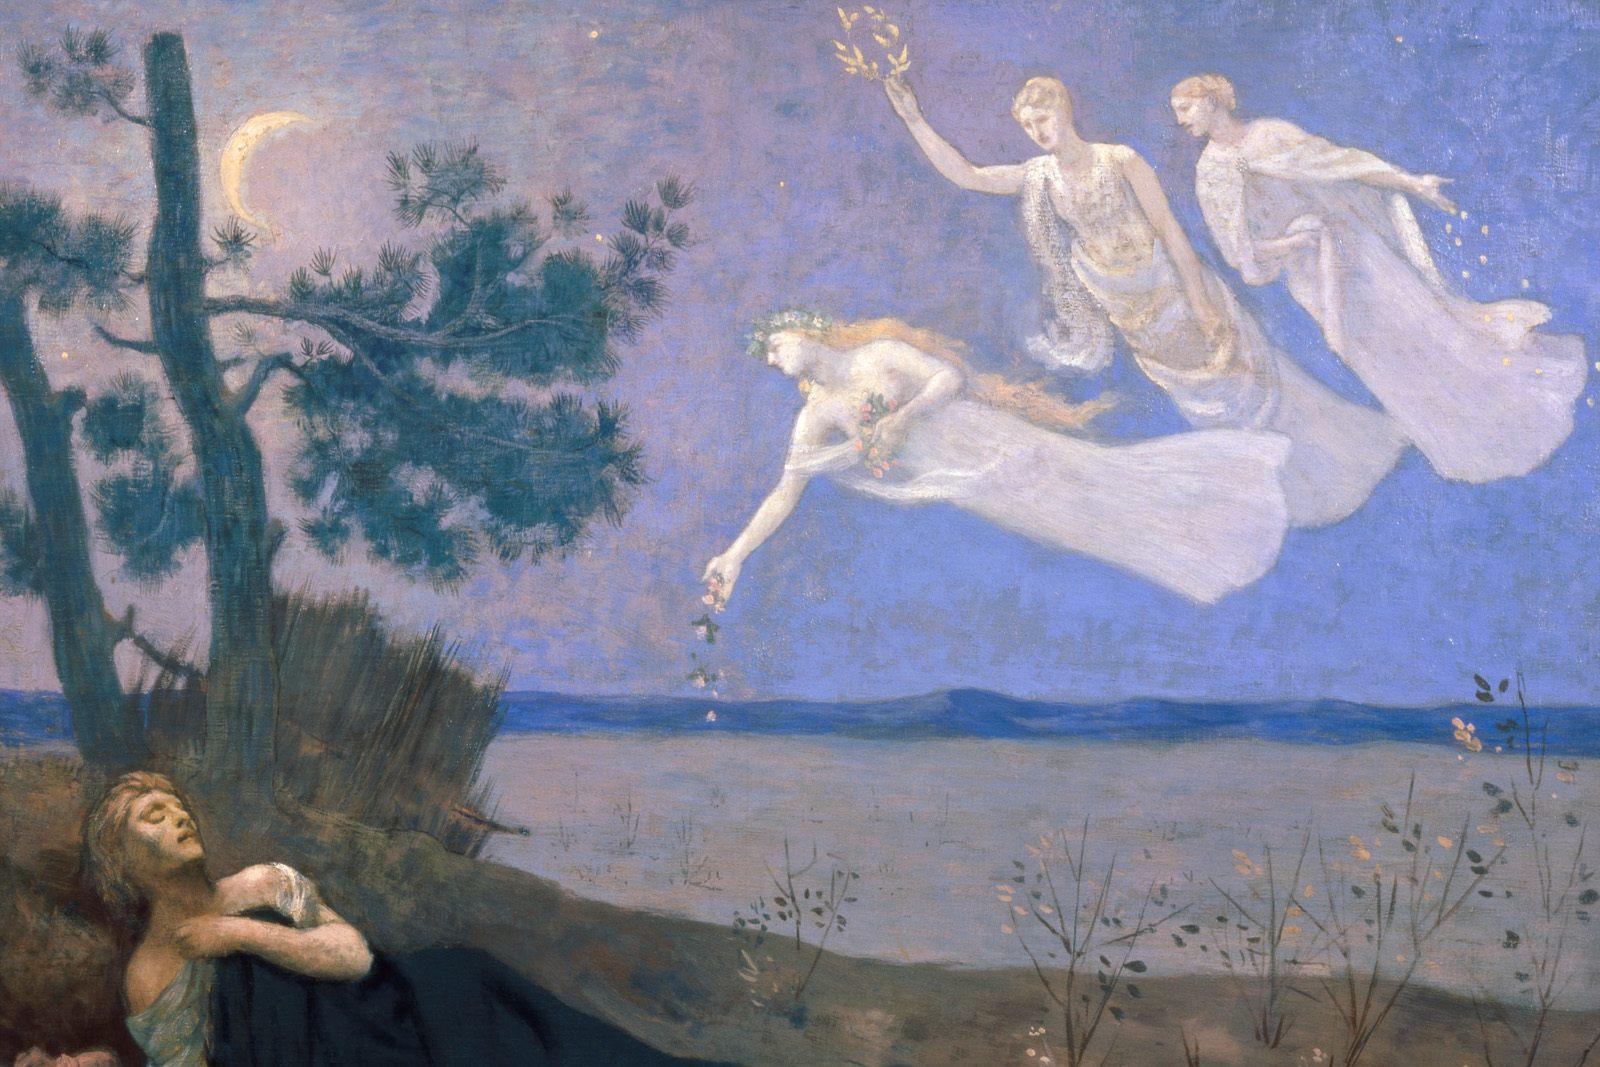 Pierre Puvis de Chavannes - The Dream